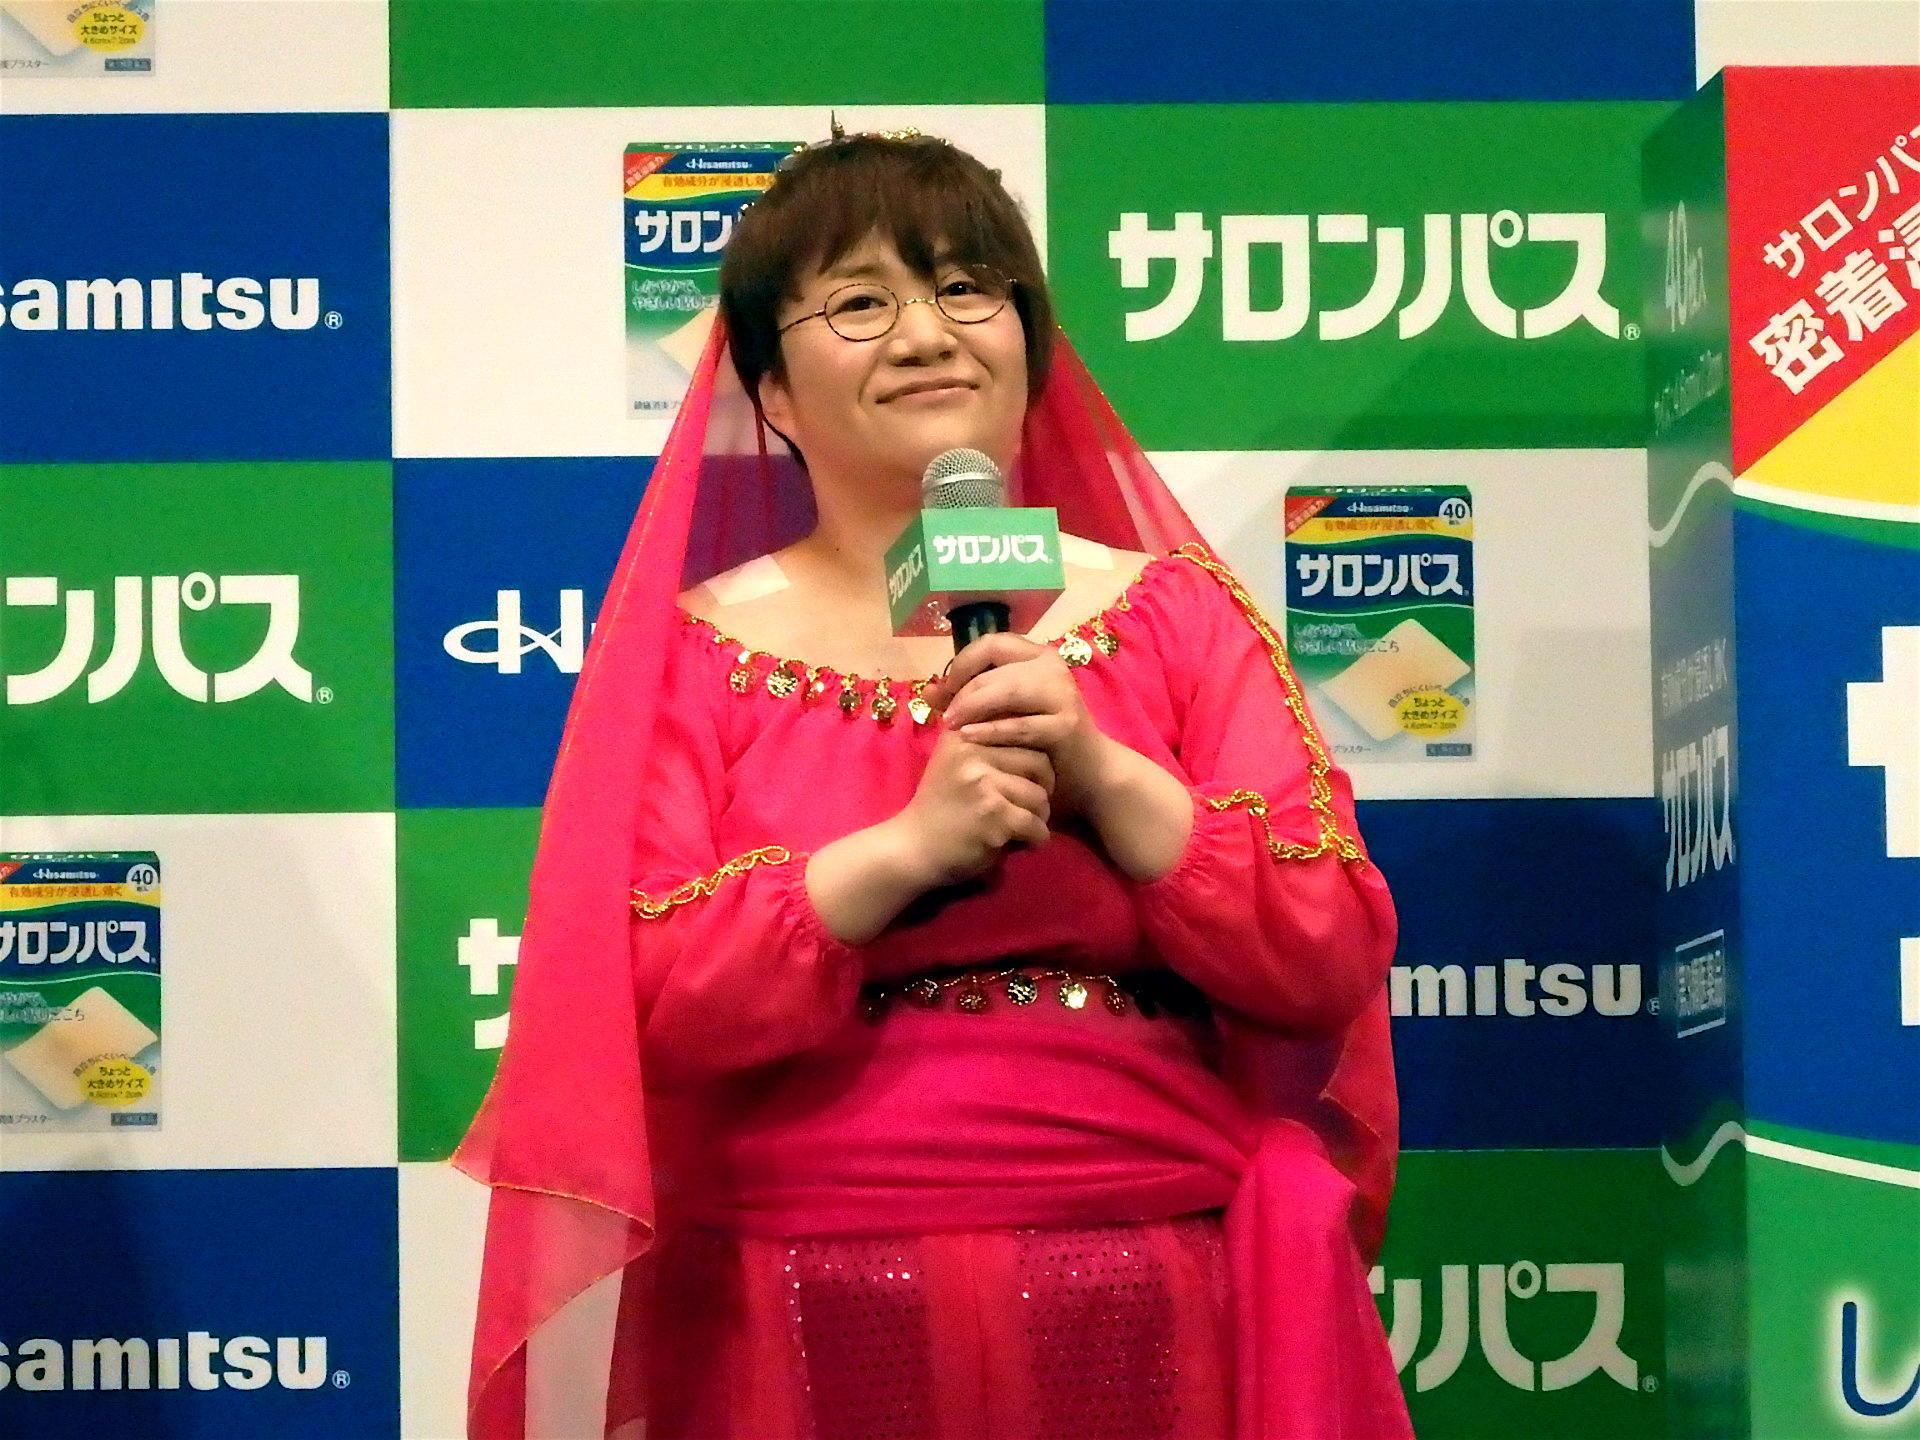 http://news.yoshimoto.co.jp/20160428205600-f2f0ad116cd2d7b8f5f3086cd451e11e8a86ae6c.jpg